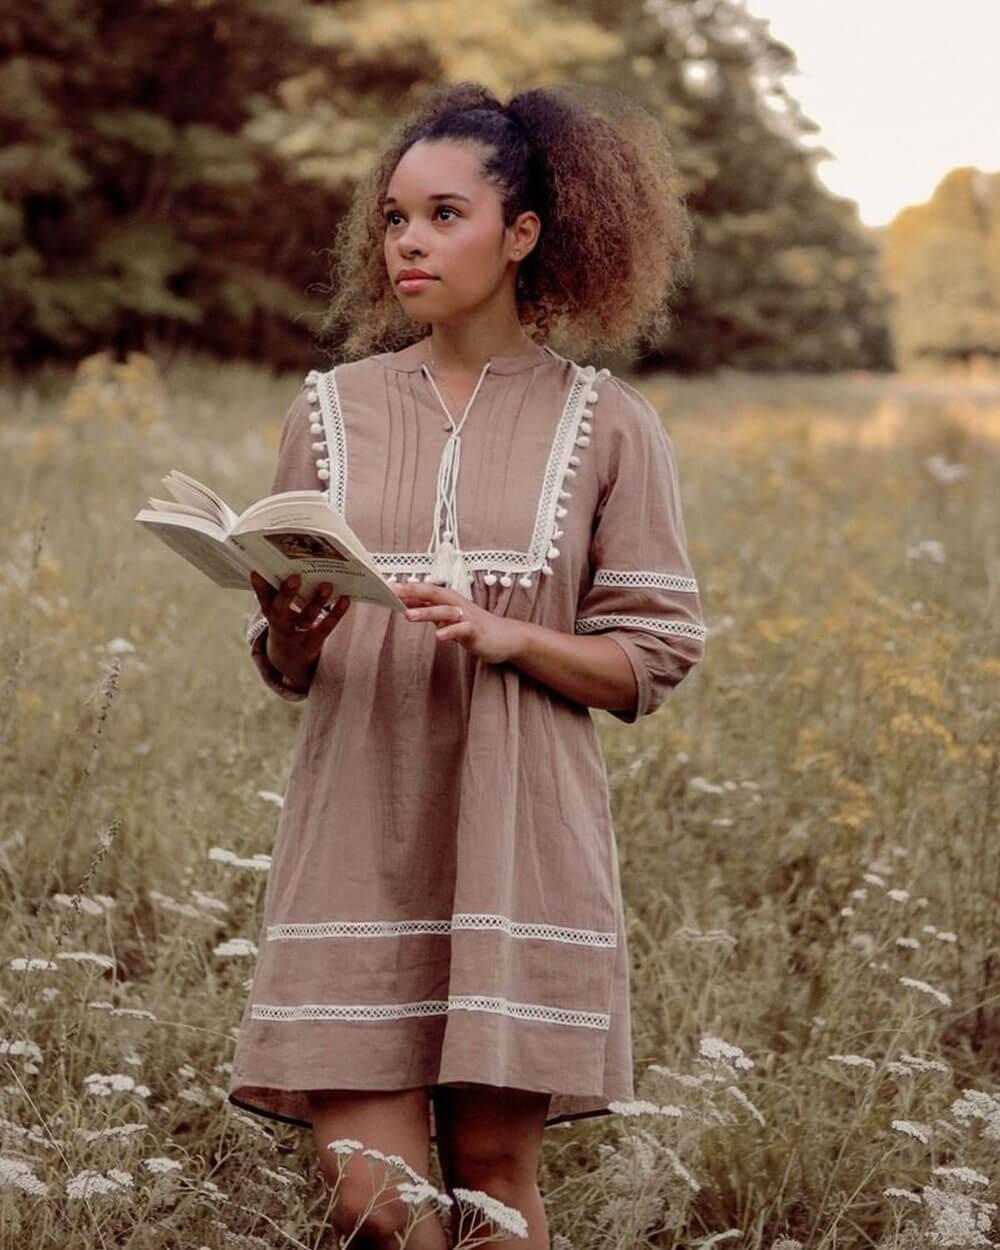 FOREST GIRL CLOTHING cottagecore fashion